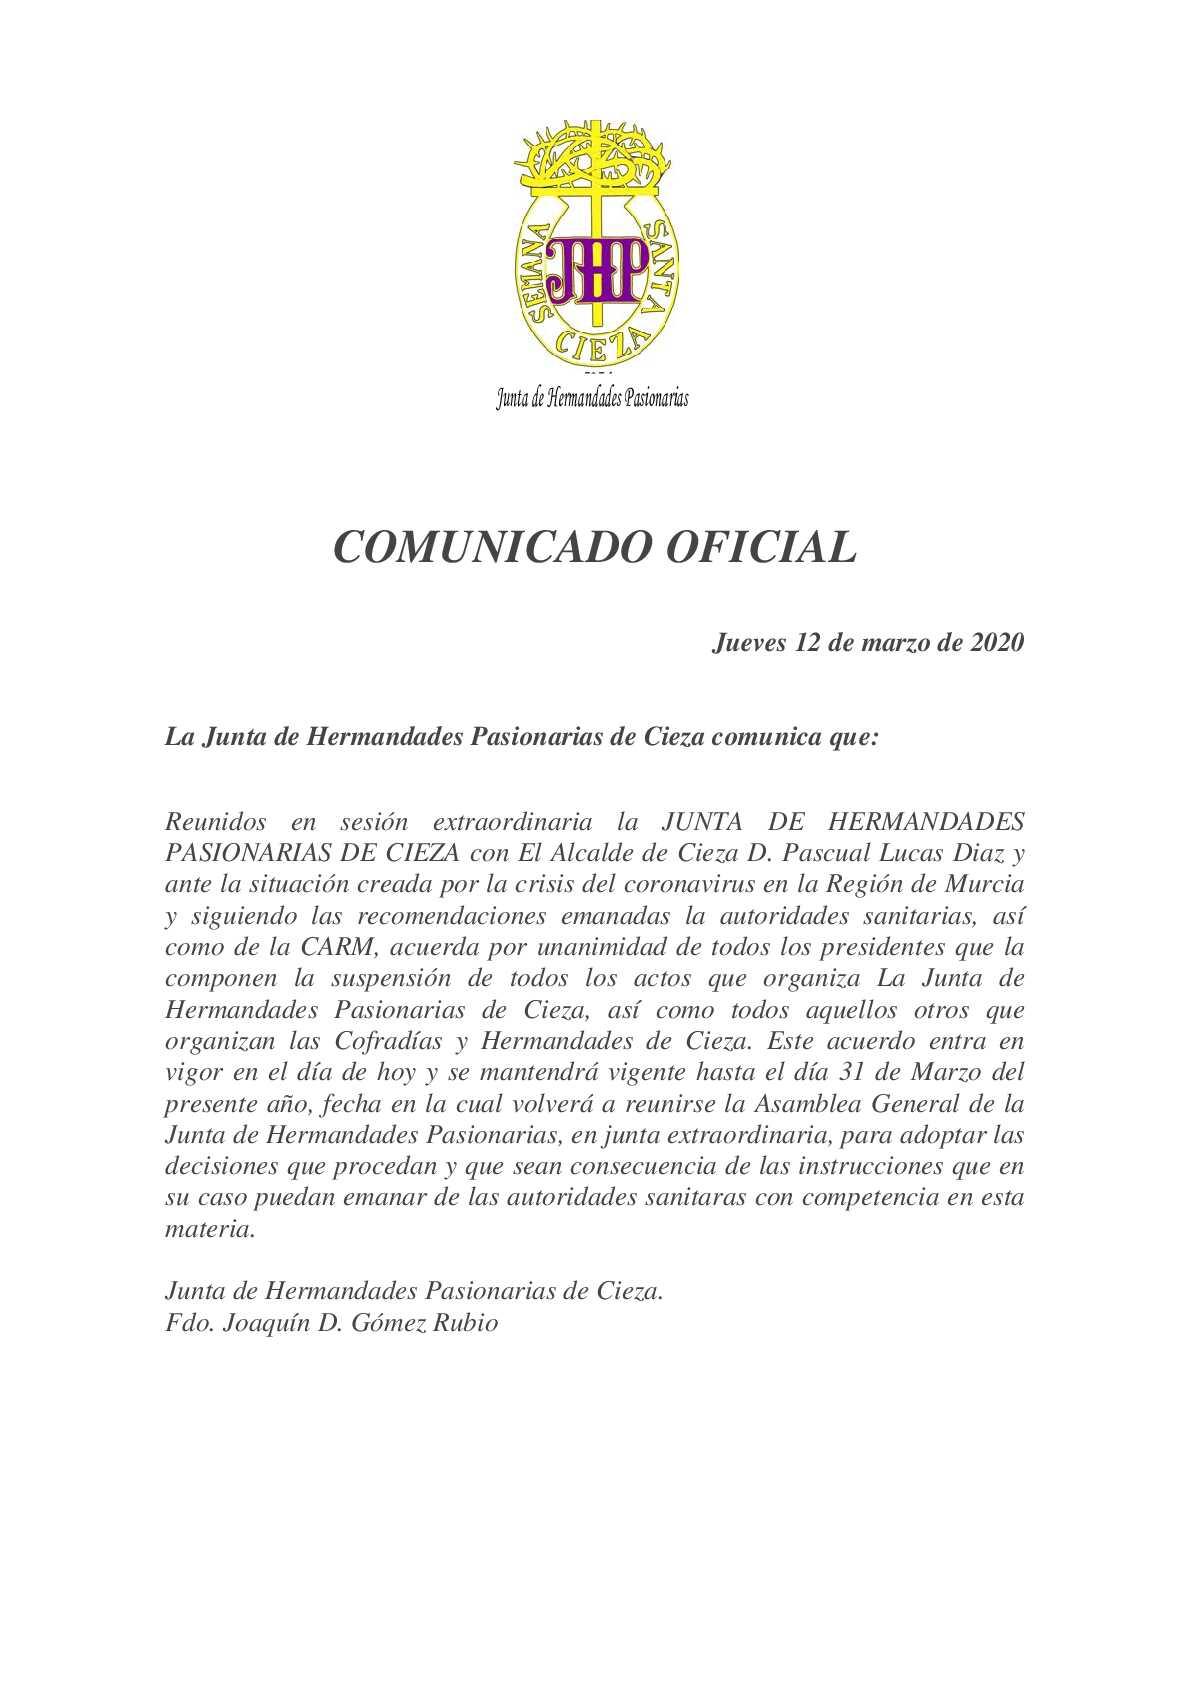 COMUNICADO JHP 120320 COVID-19.pdf